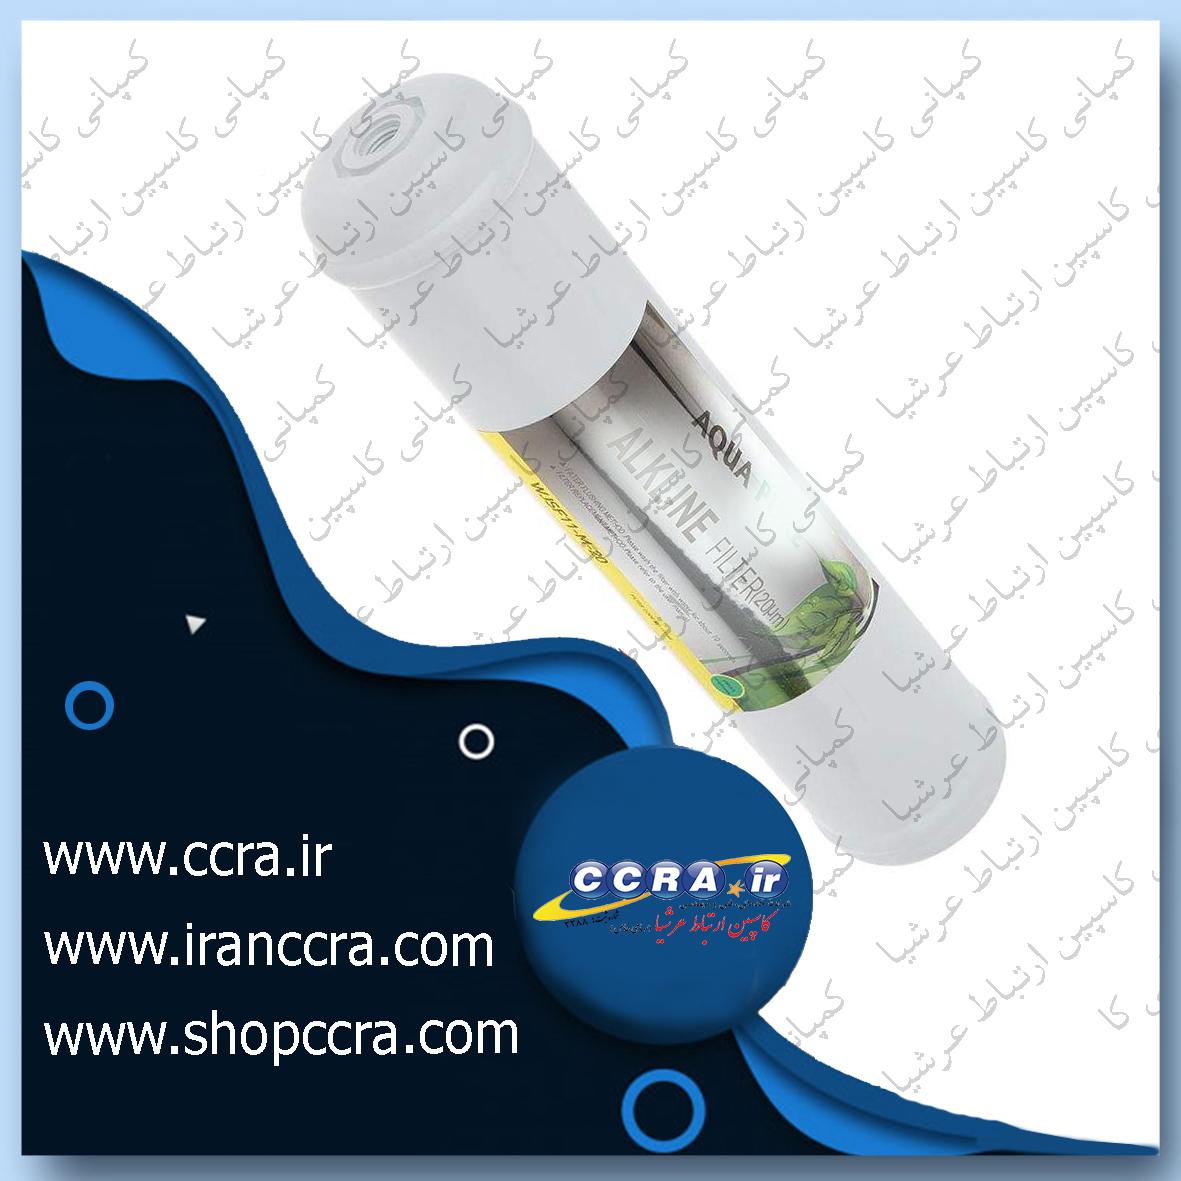 فیلتر قلیایی در دستگاه های تصفیه آب خانگی آکوا لایف